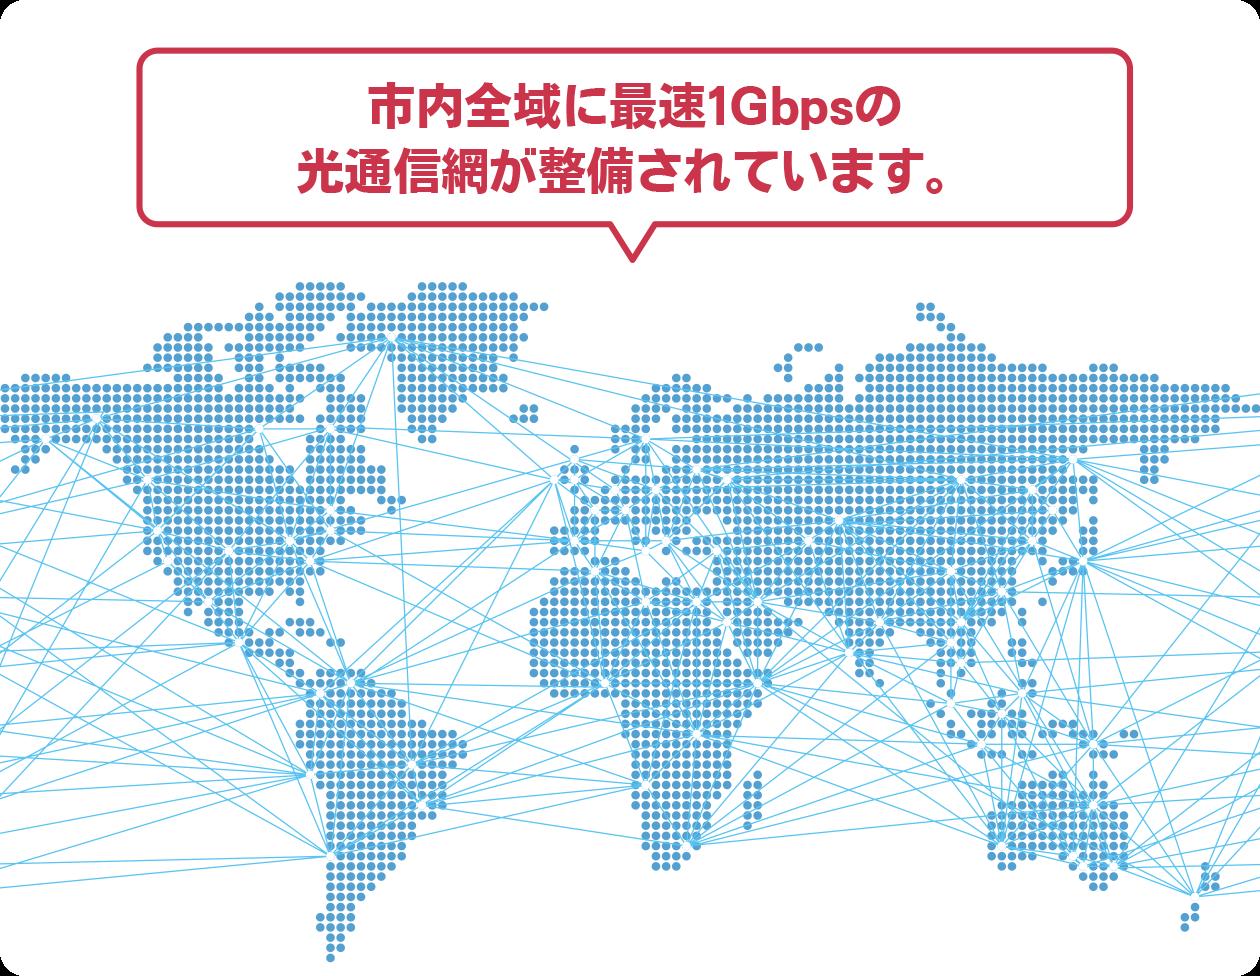 市内全域に最速1Gbpsの光通信網が整備されています。